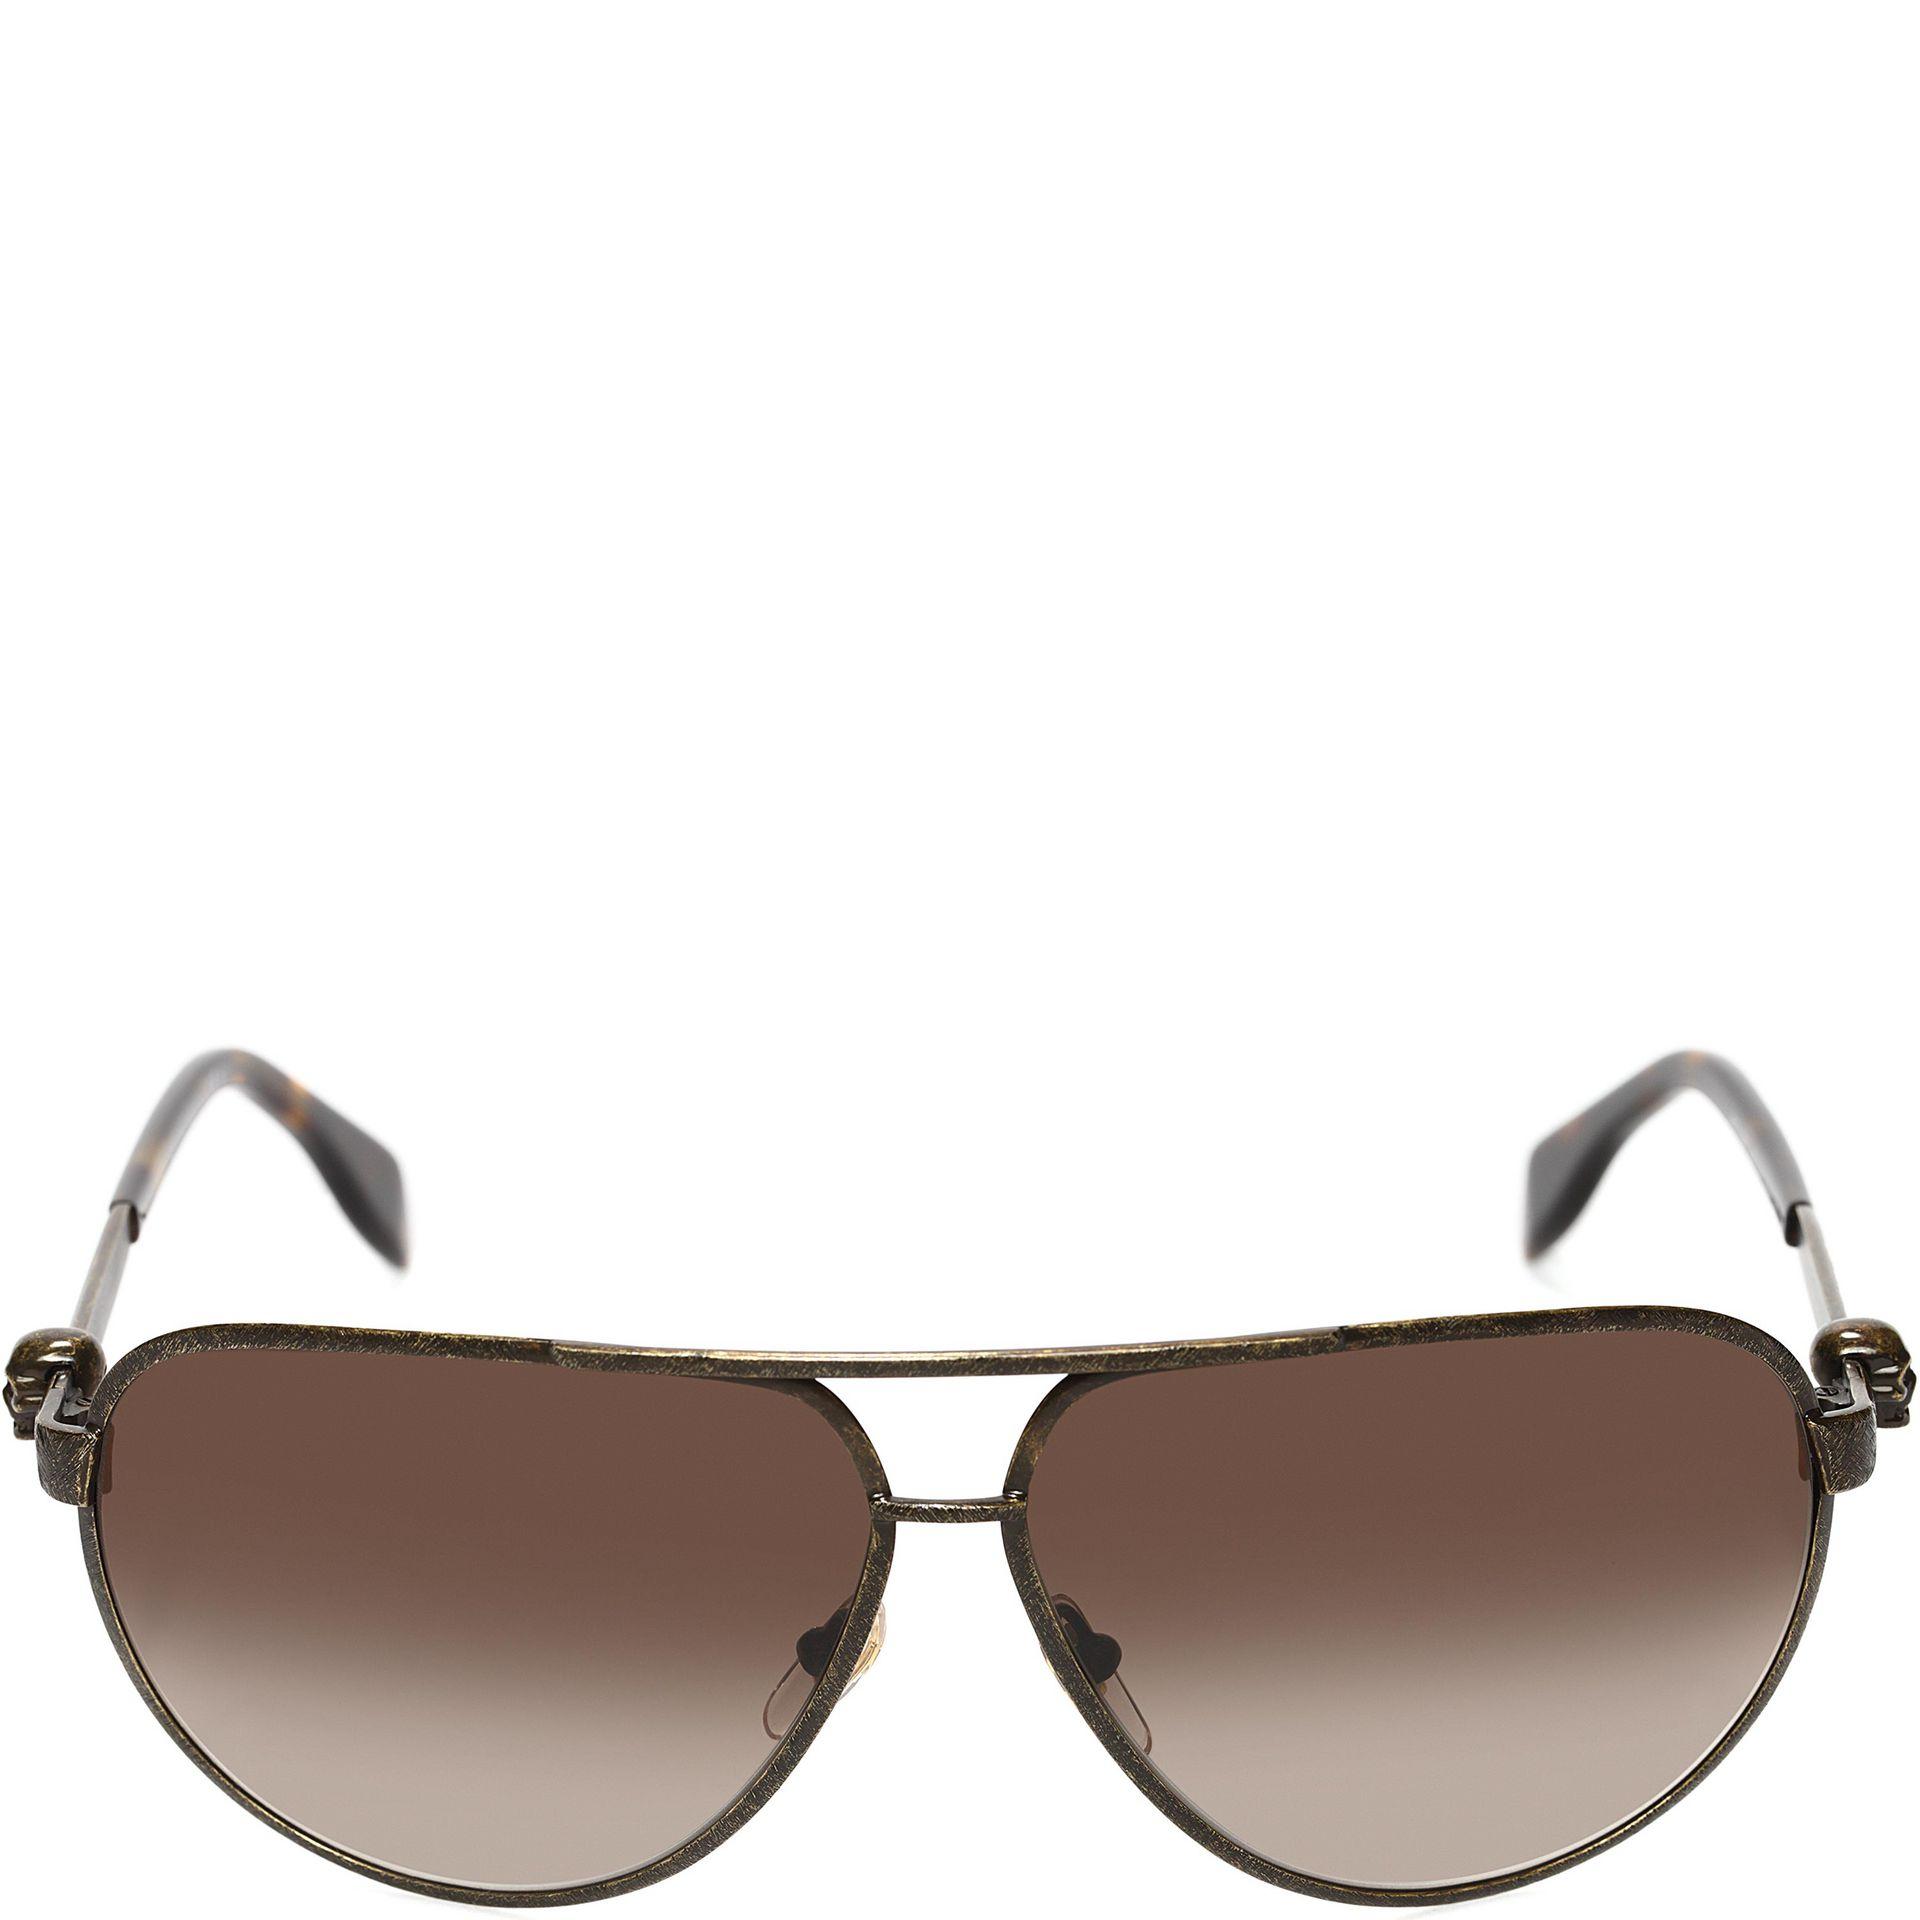 56d532f2bed Lyst - Alexander McQueen Metallic Skull Pilot Sunglasses in Brown ...